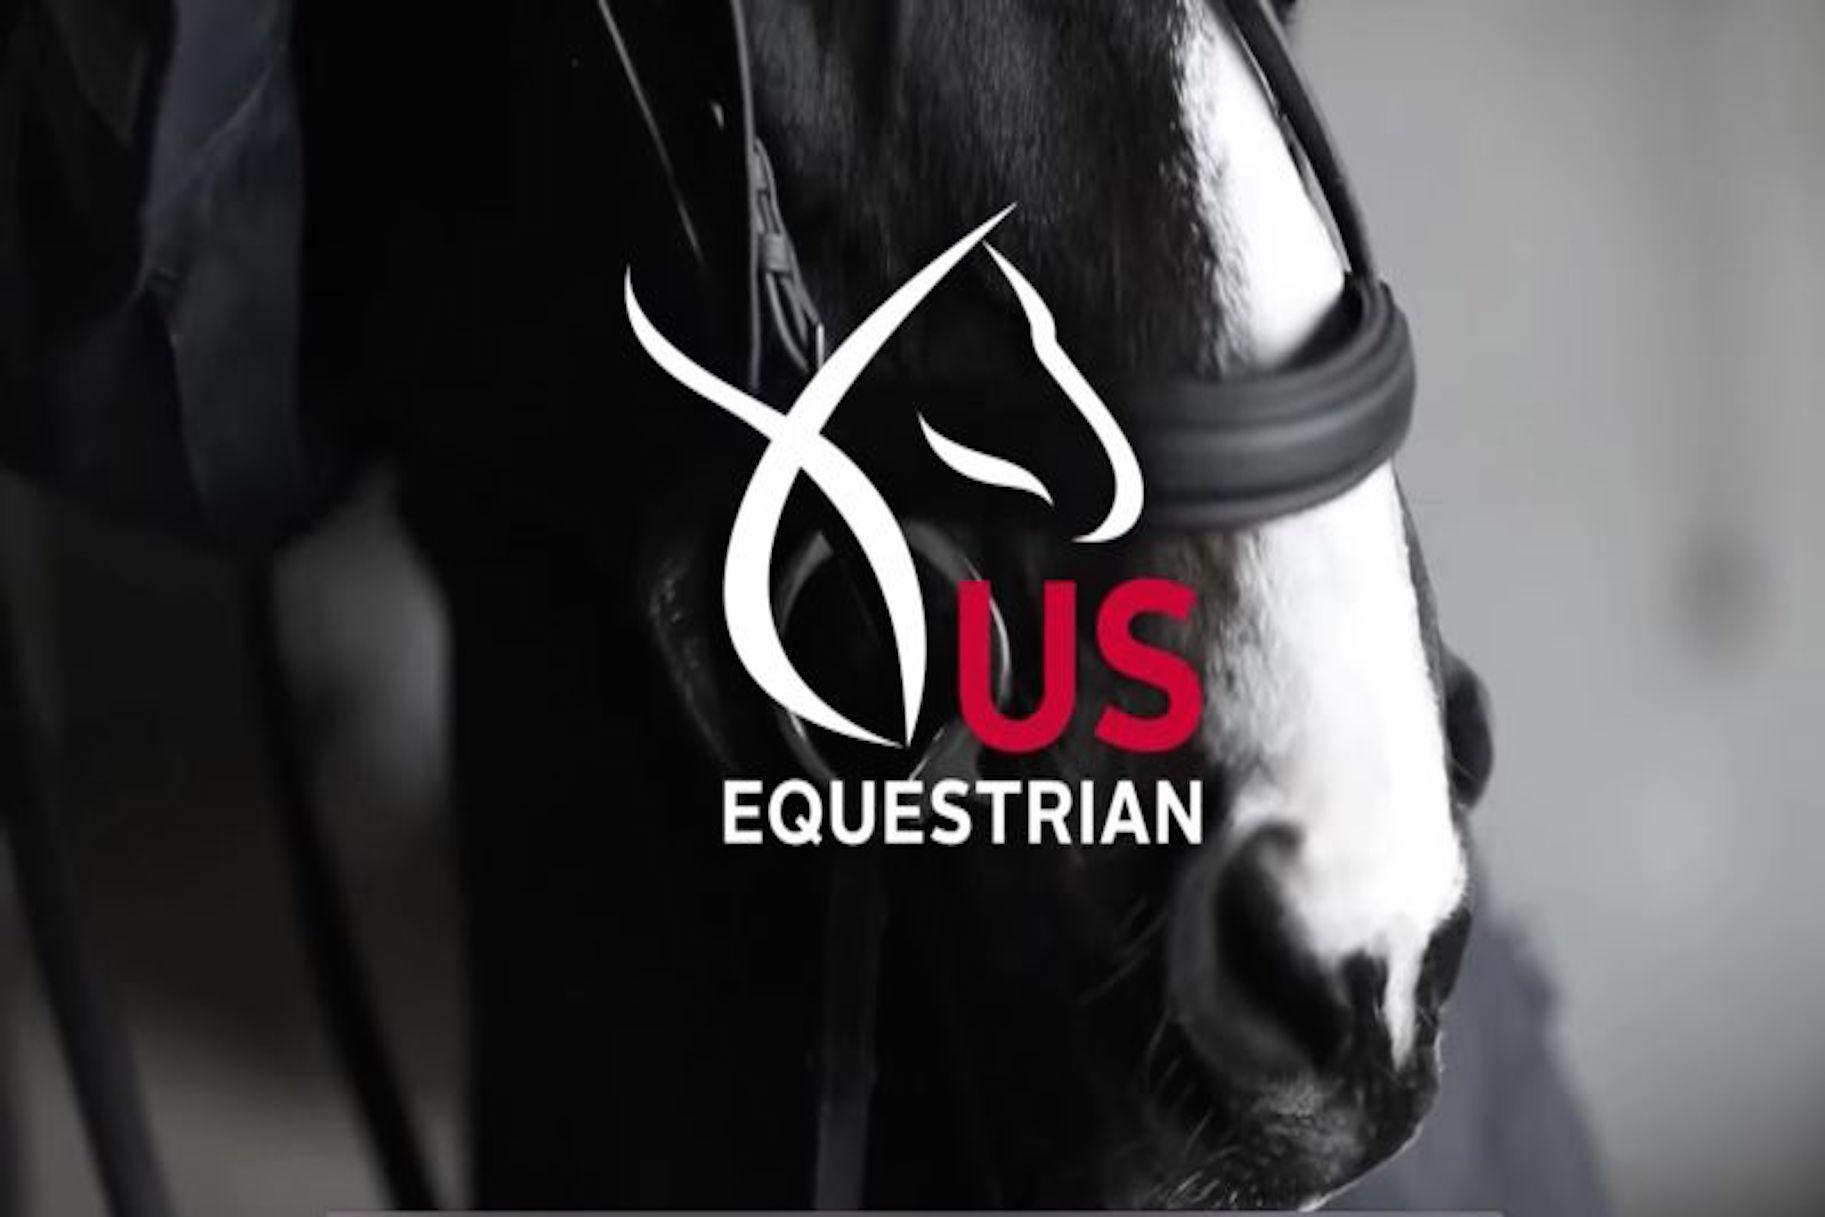 Nangungunang Equestrian Coach na Inakusahan Ng Sekswal na Pag-atake Ilang dekada Matapos ang Kanyang Kamatayan